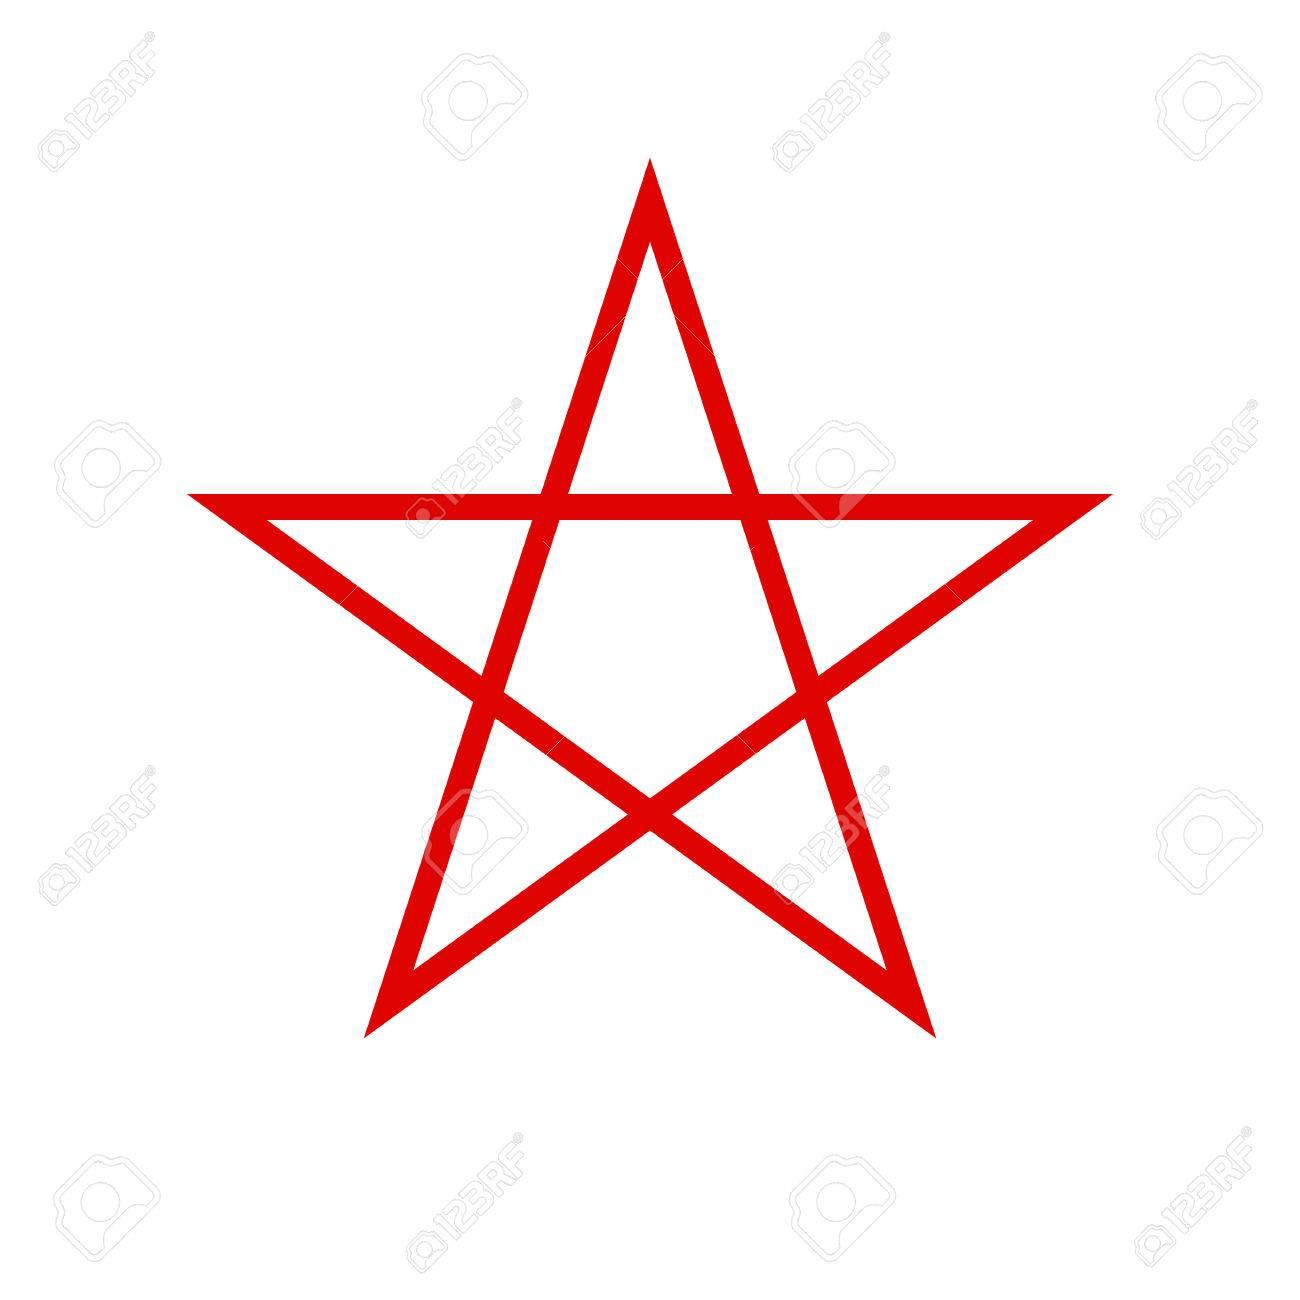 Pentagram-Symbol. Roter Fünfzackiger Stern. Vektor-Illustration ...